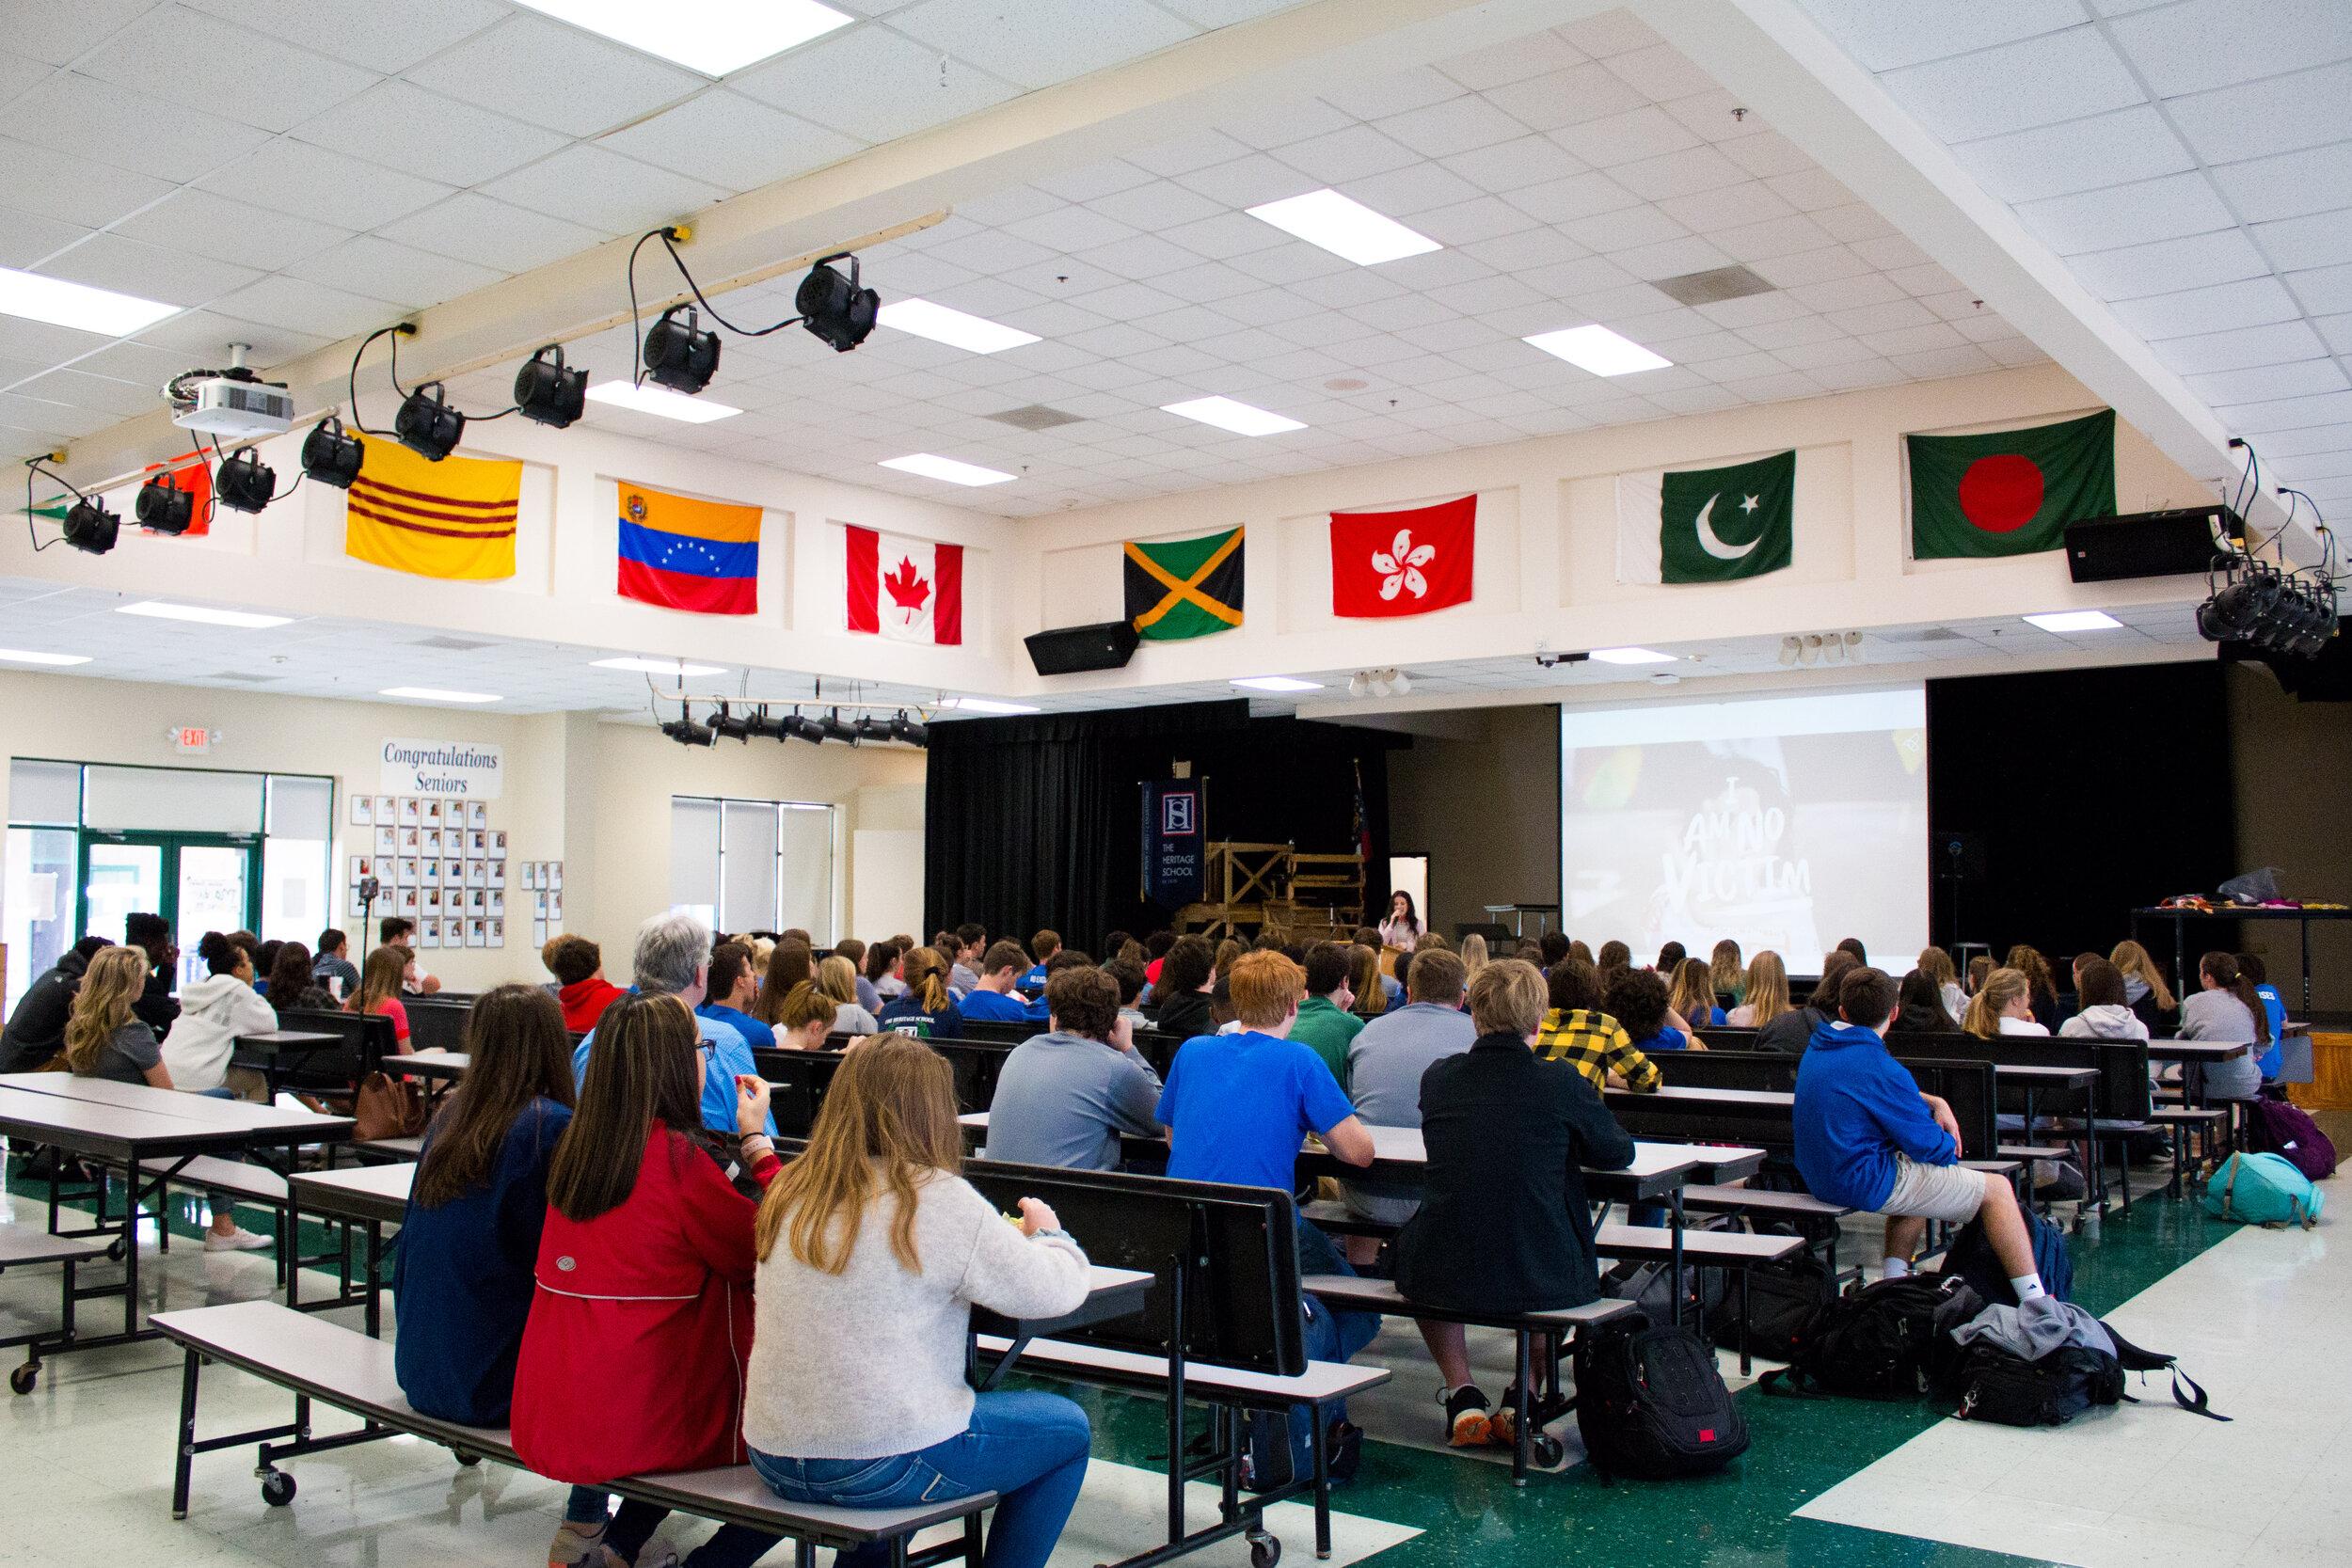 2019 - SPEAKING AT HERITAGE SCHOOL